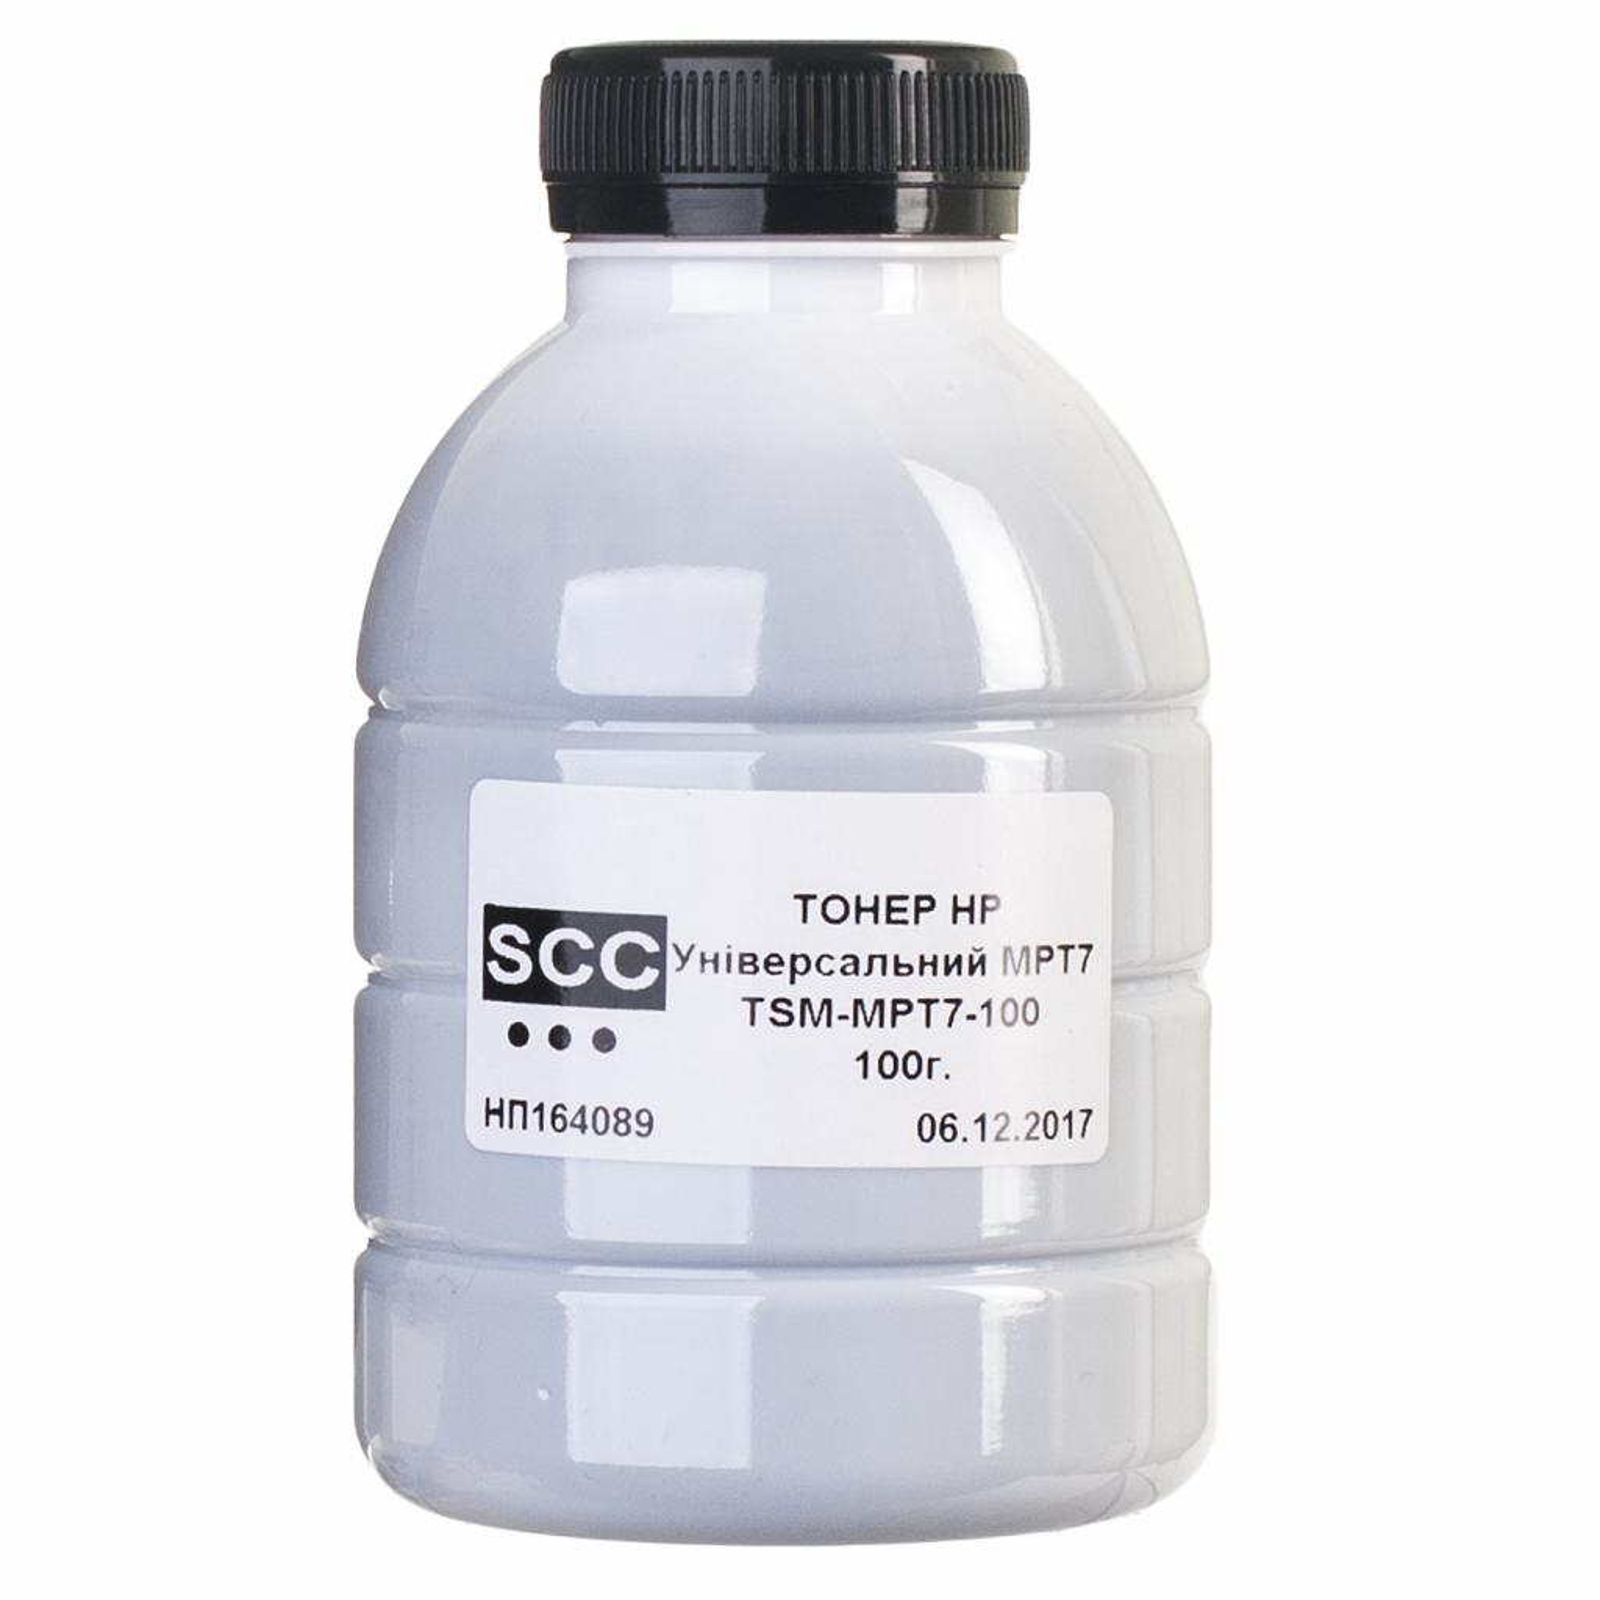 Тонер HP LJ P1005/1006/1505, 100г SCC Patron (TSM-MPT7-100)